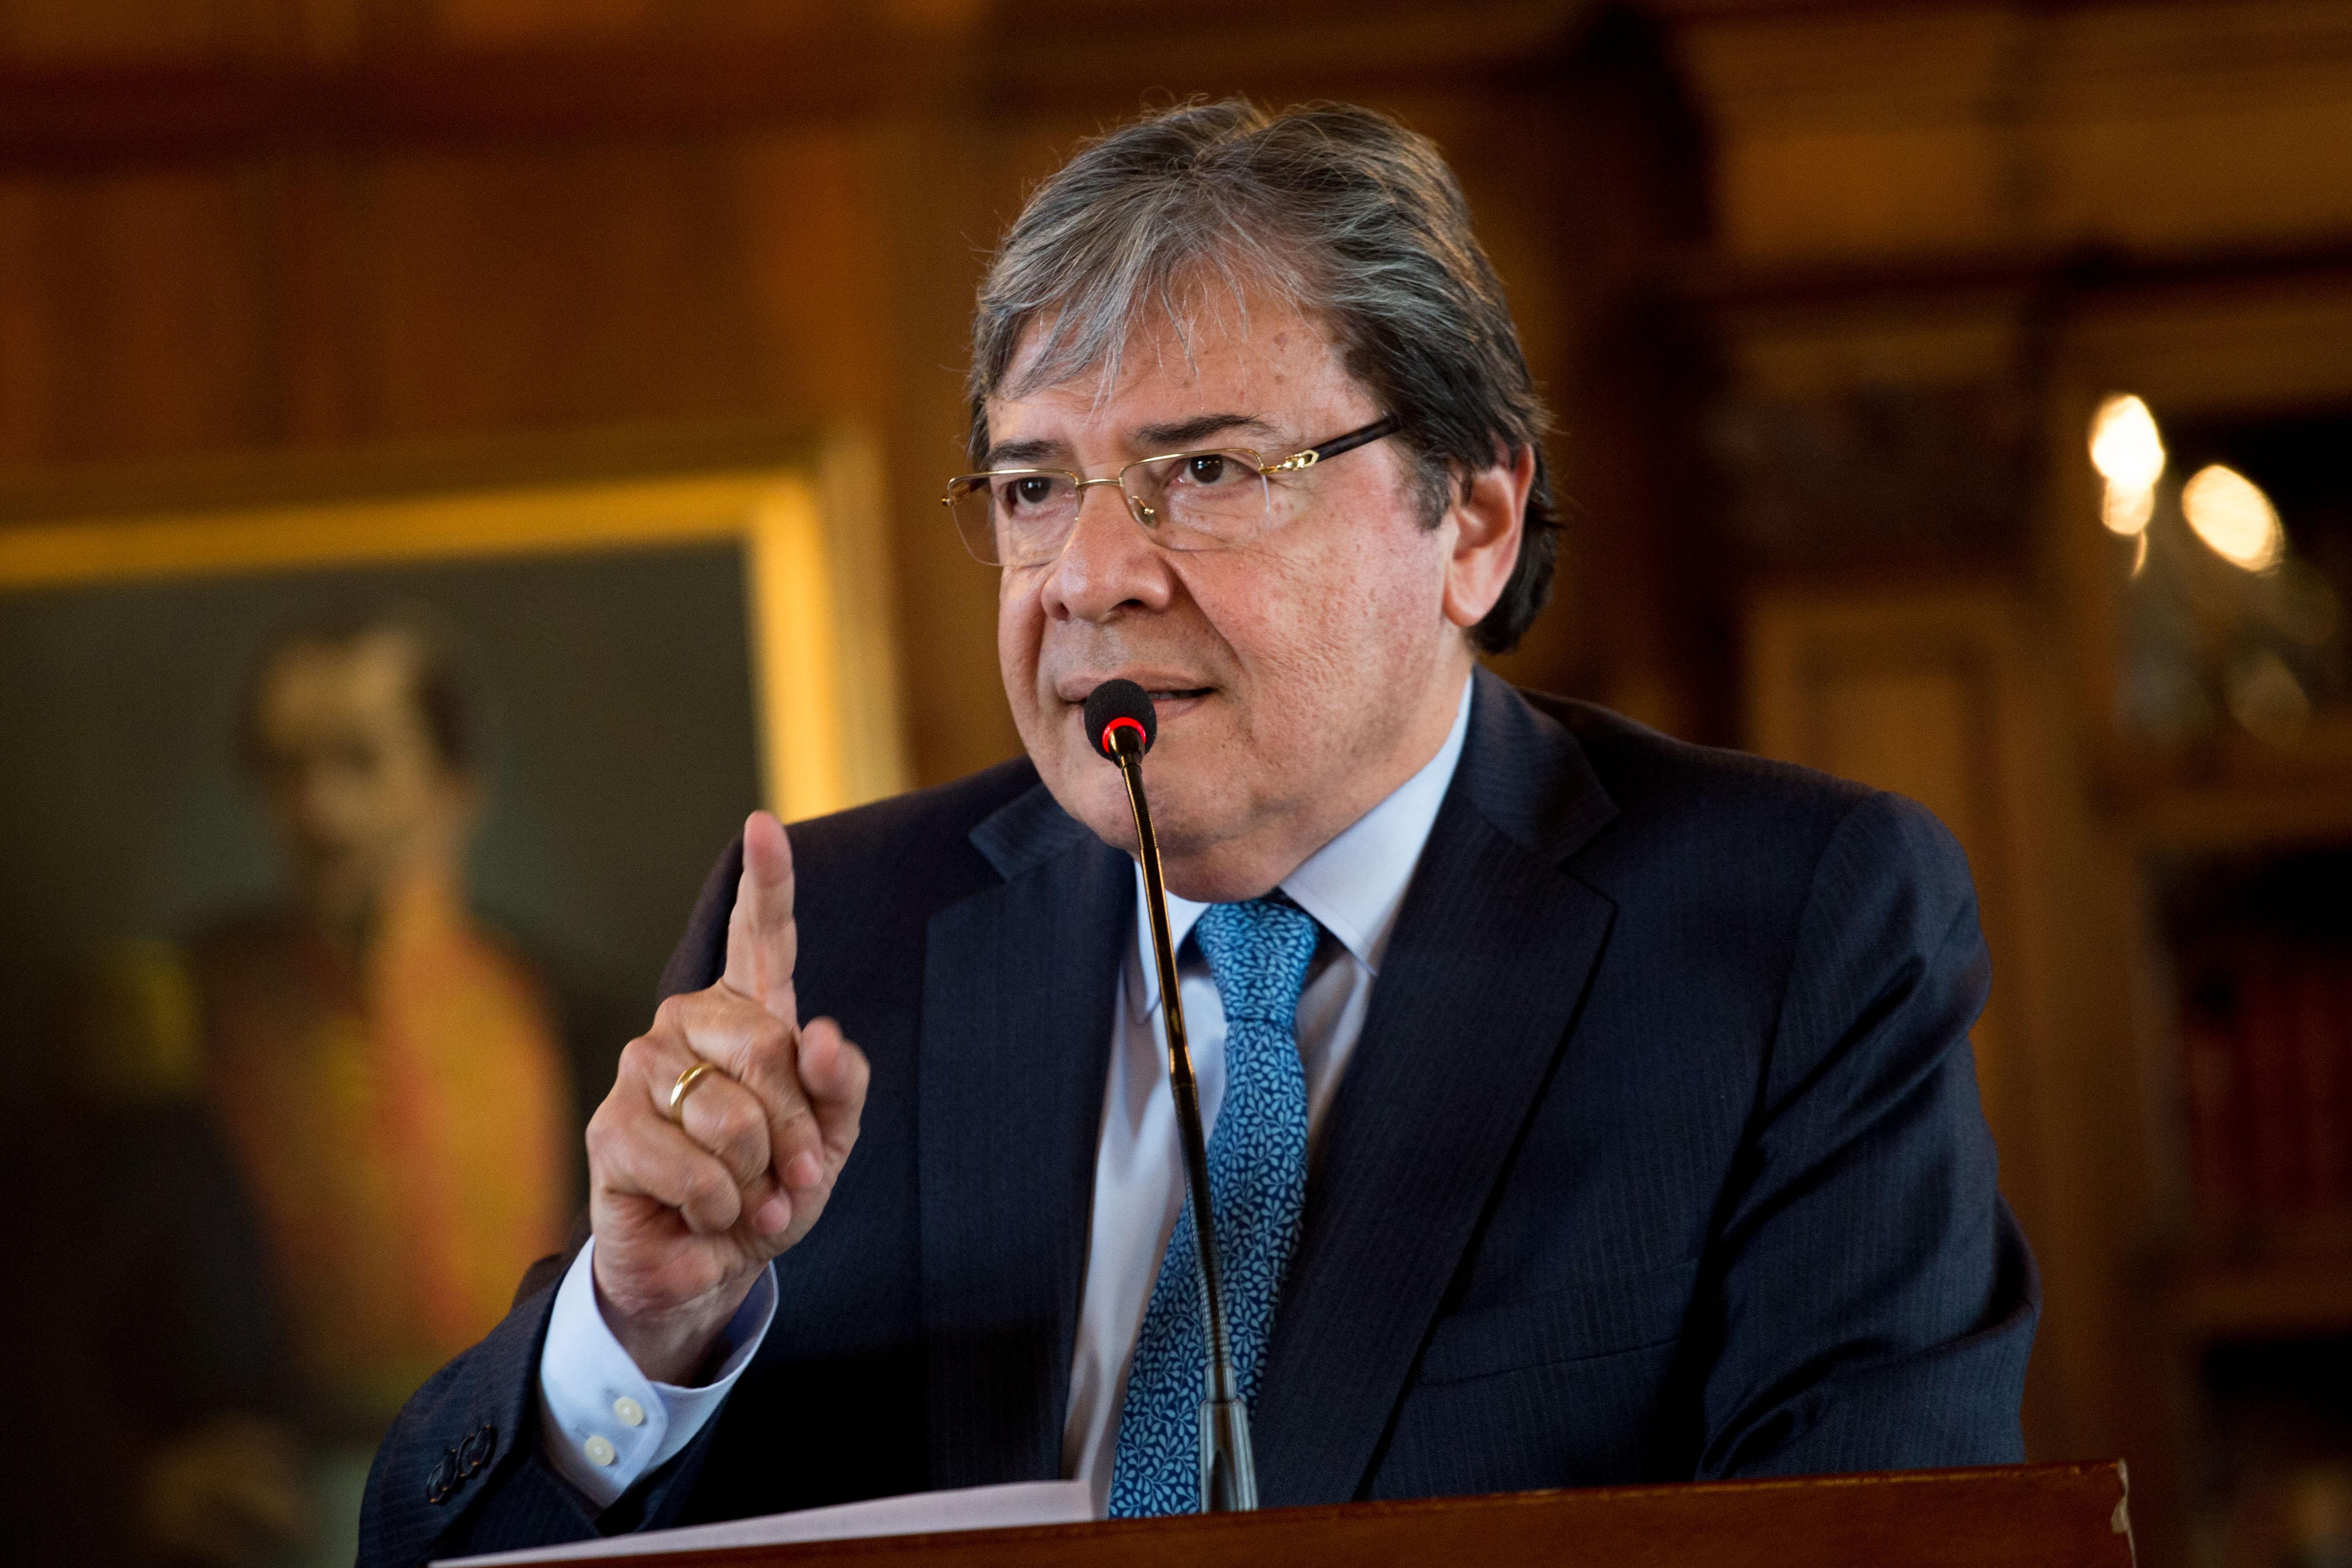 Respaldo a comunicado del Grupo de Lima. Colombia adopta medidas contra el régimen de Maduro | EL FRENTE